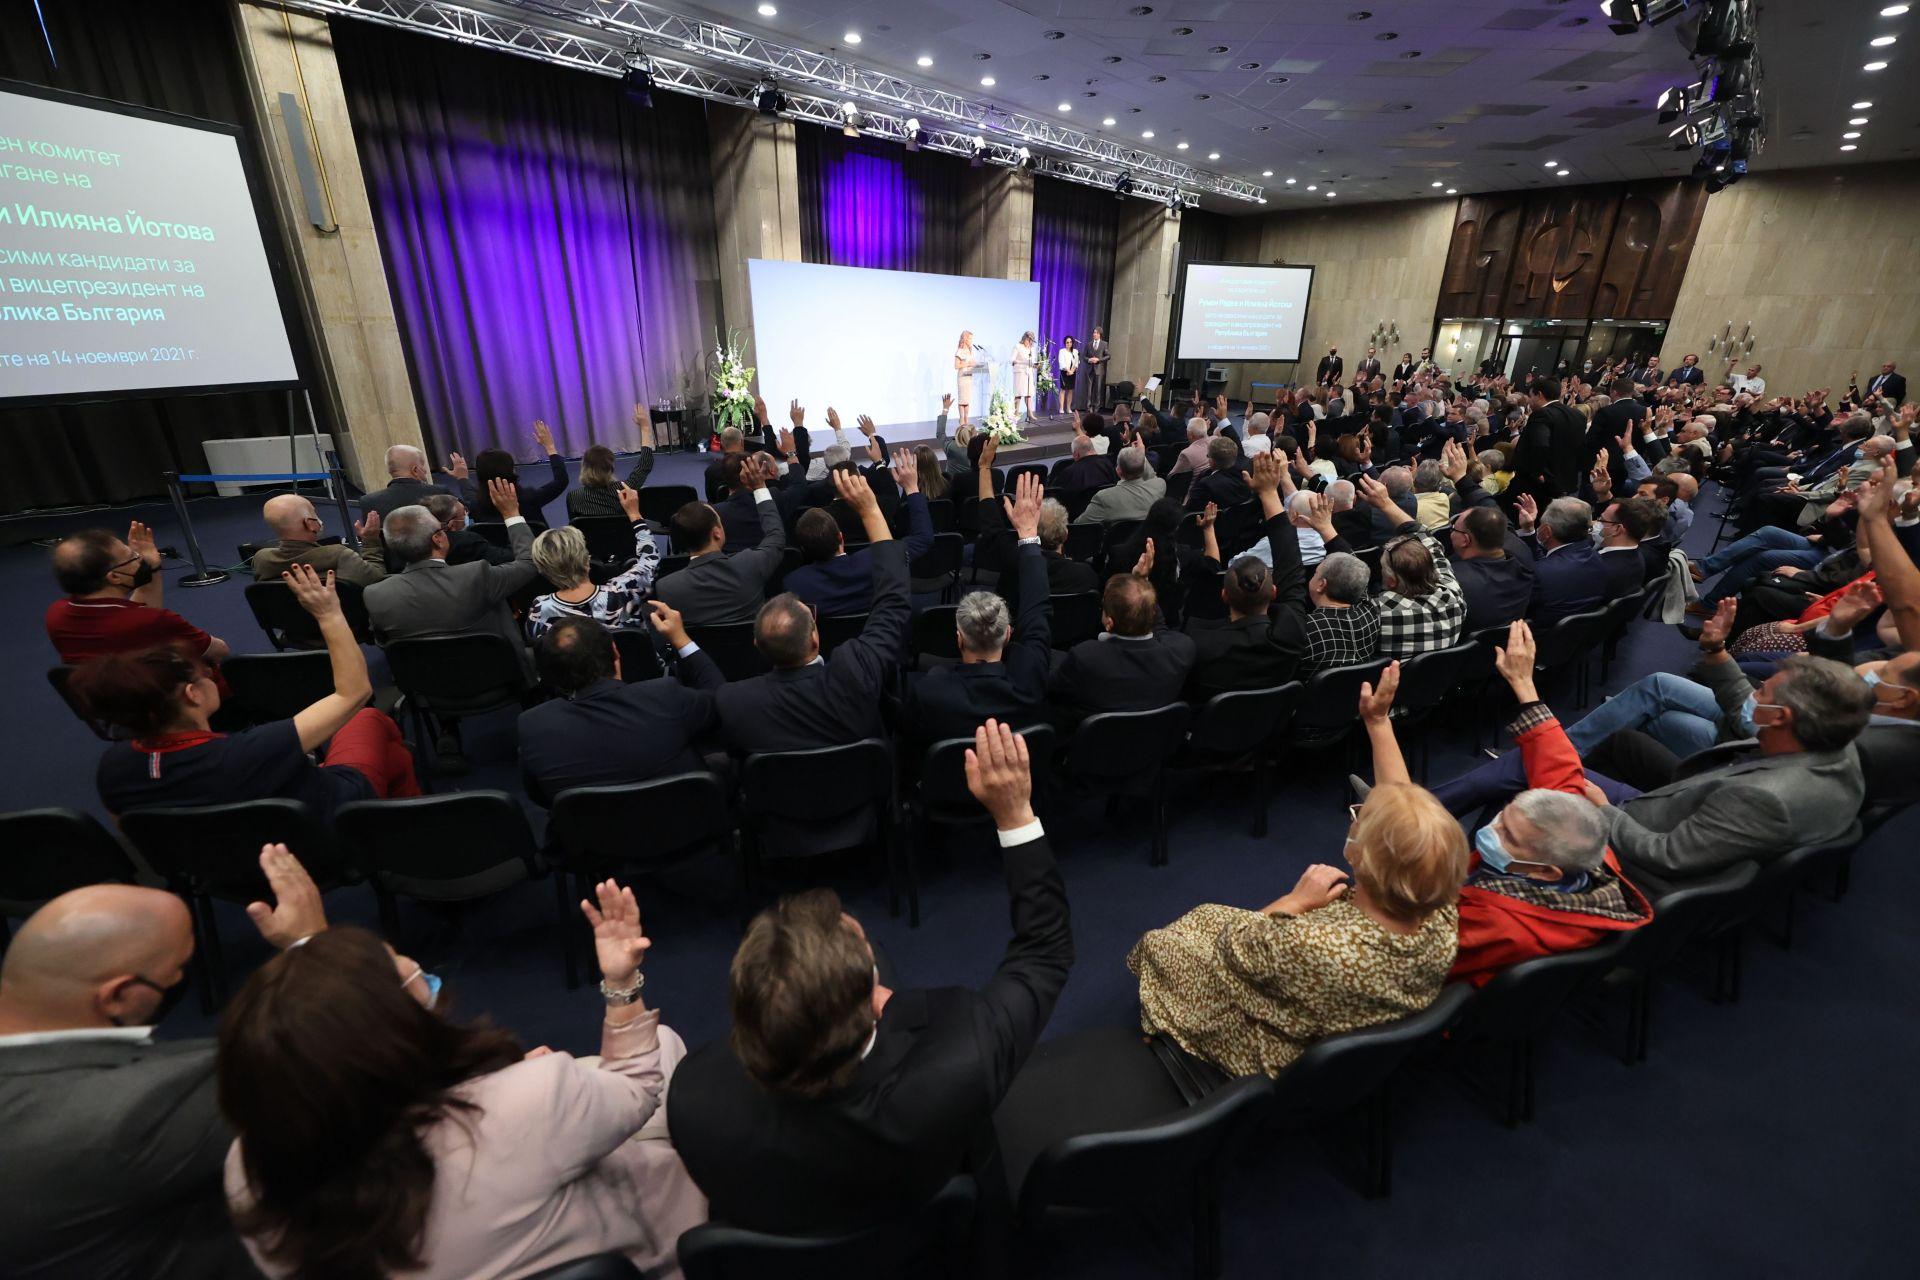 188 души присъстват на учредителното събрание